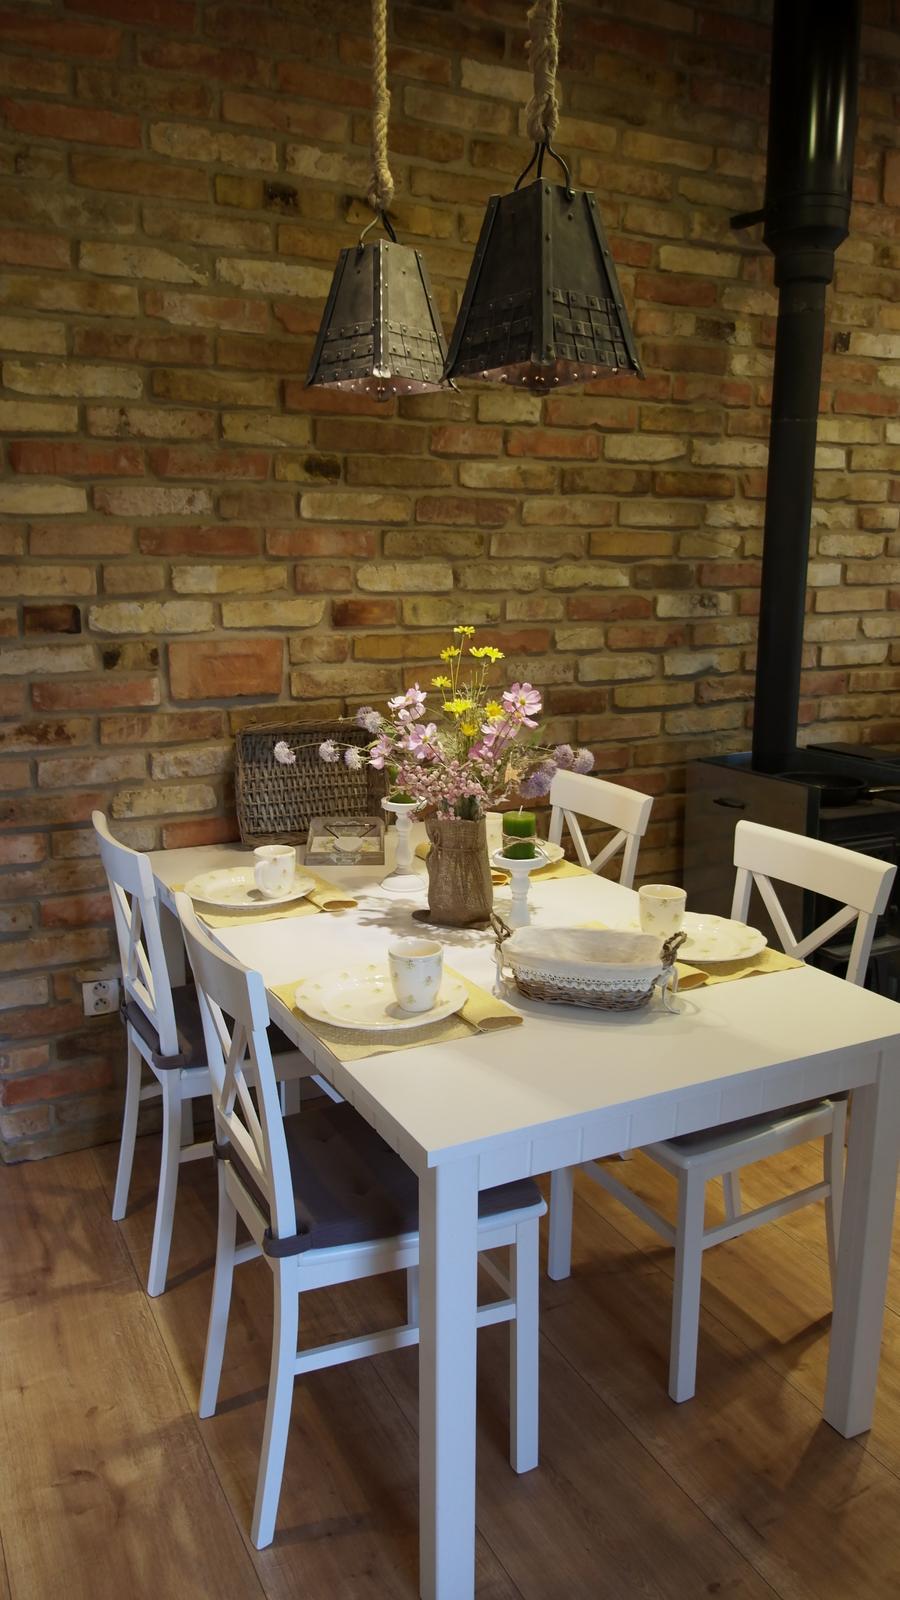 Náš domček ♡ Bramasole ♡ ... Stilo interiér aj exteriér 3. rok bývania - Obrázok č. 24